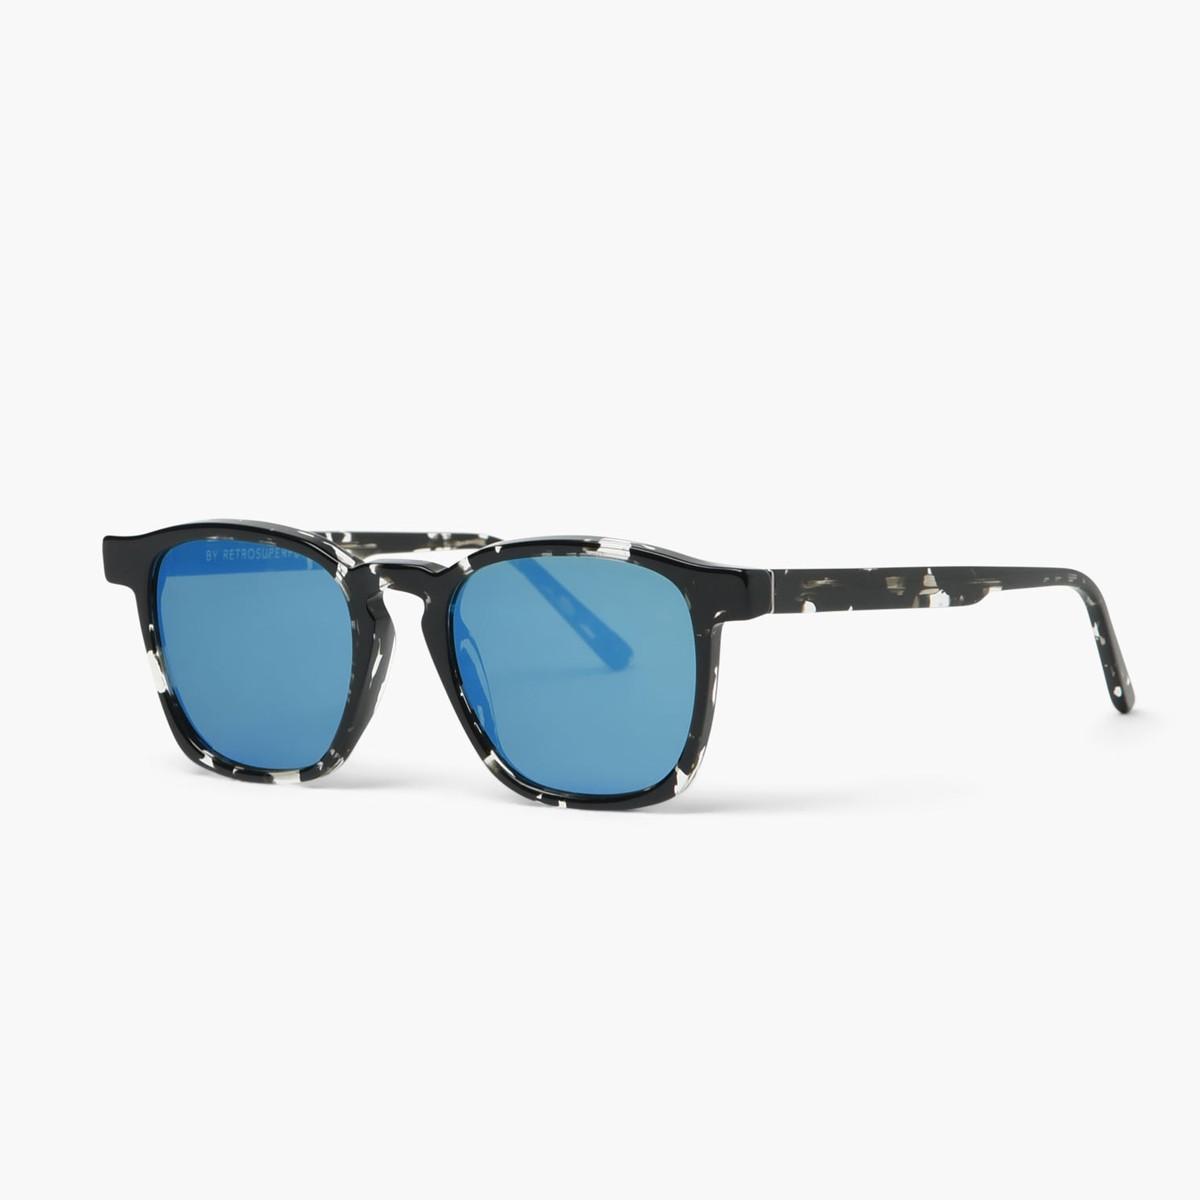 Super Unico | Unisex sunglasses